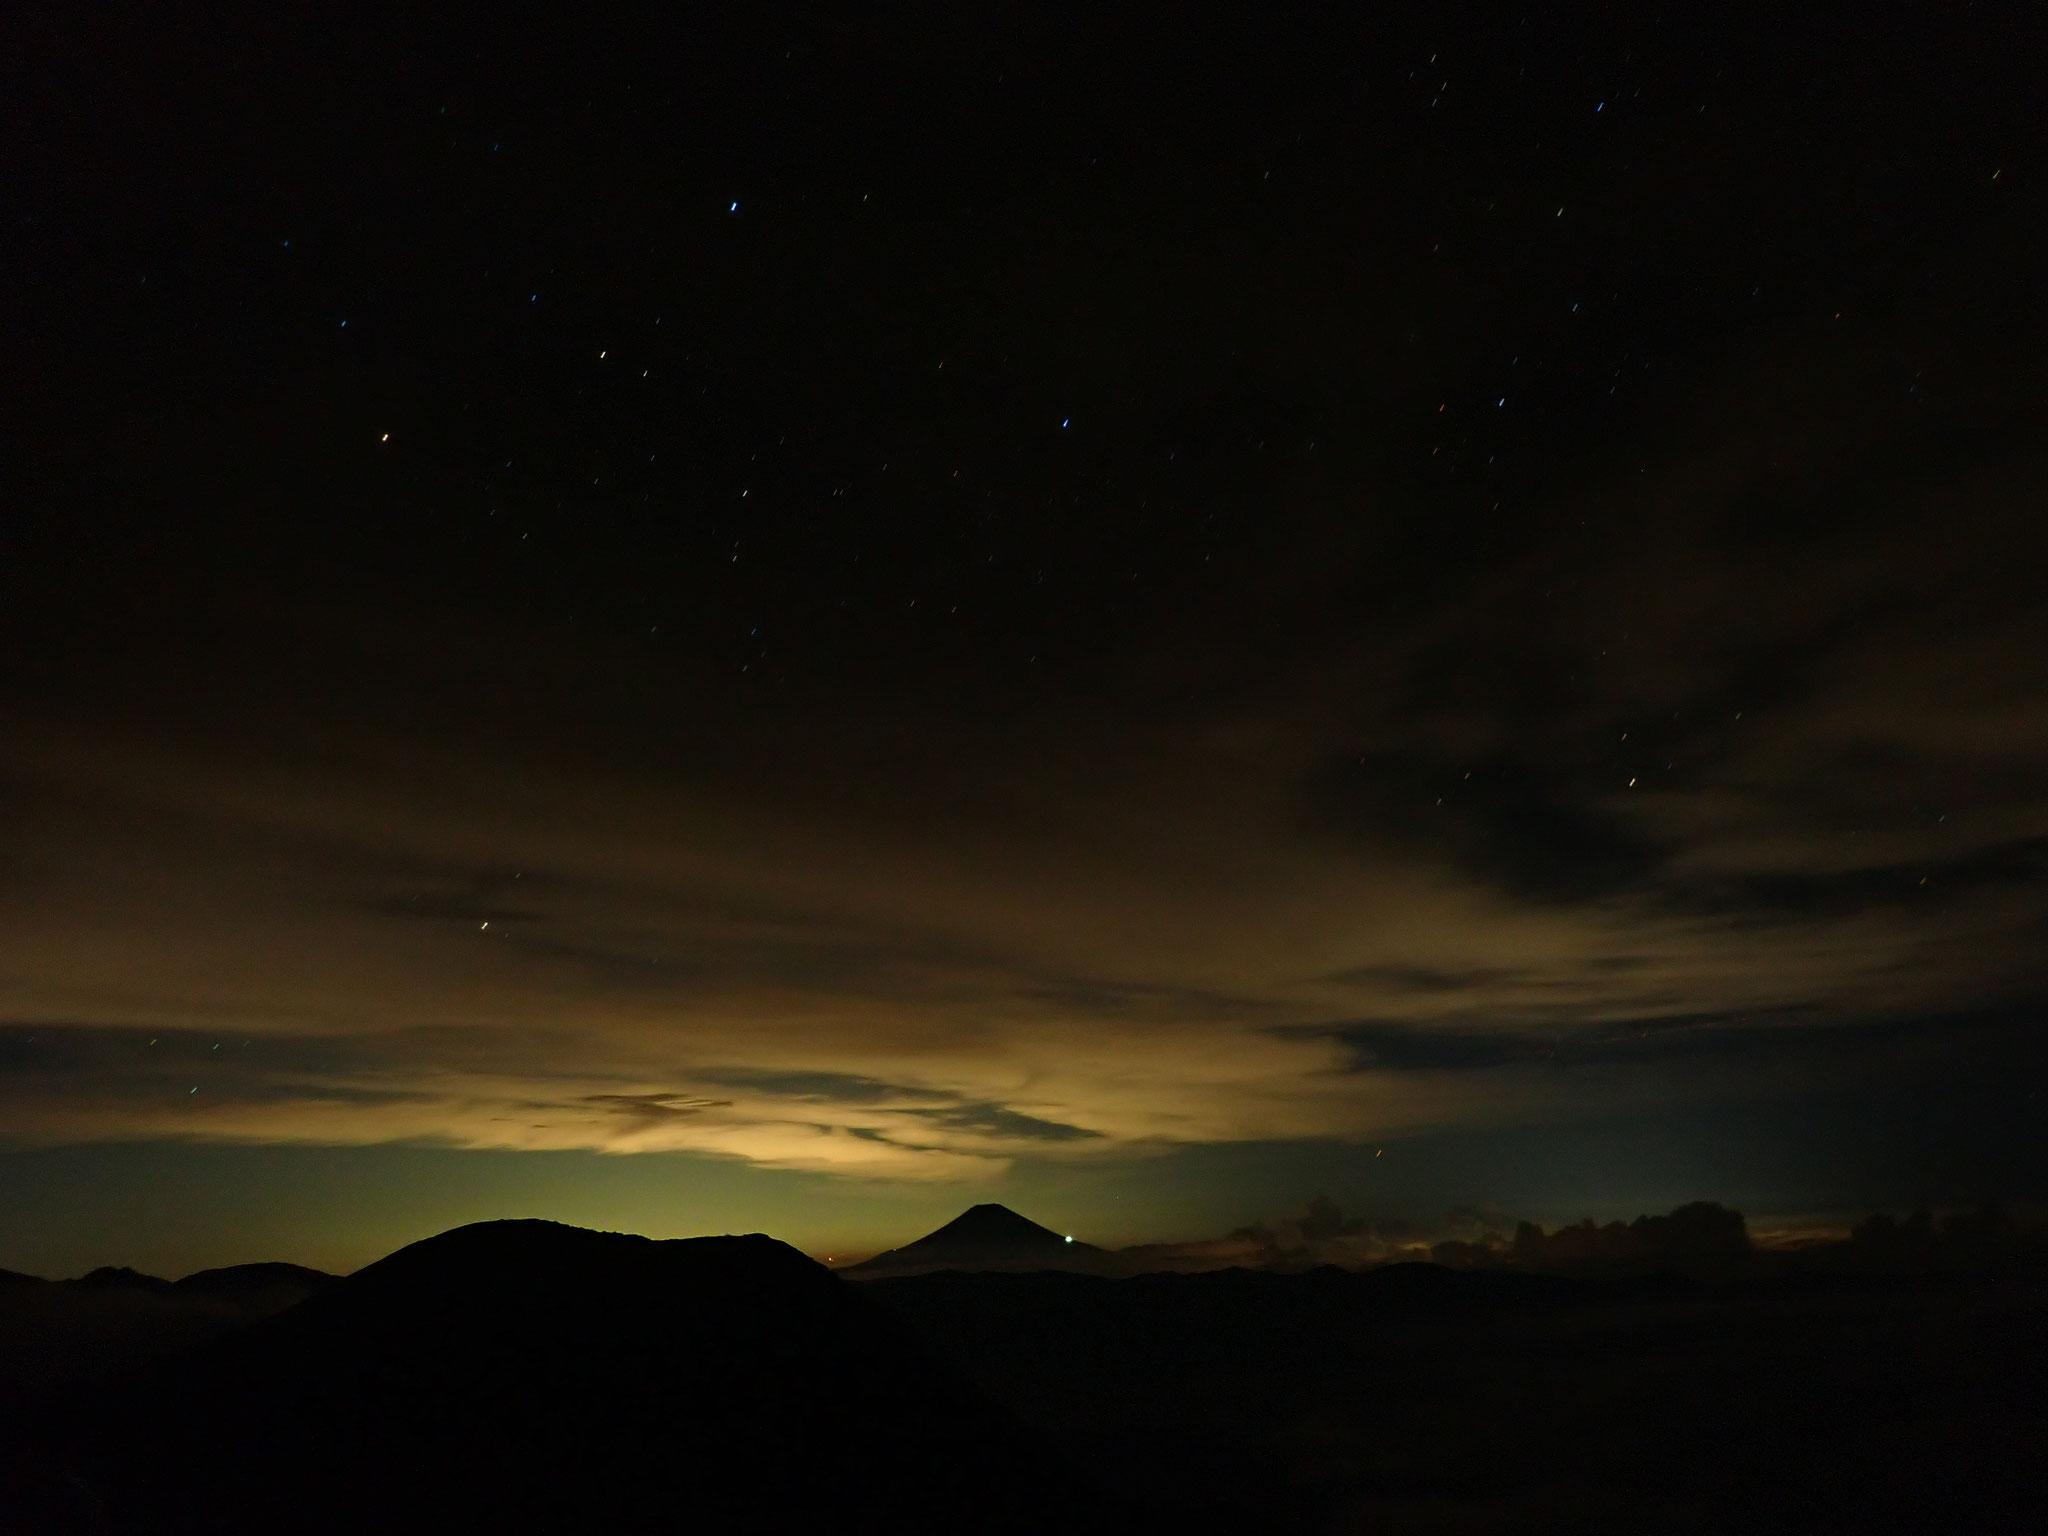 夜間は星が良く見えた、月明かりに浮かぶ富士山